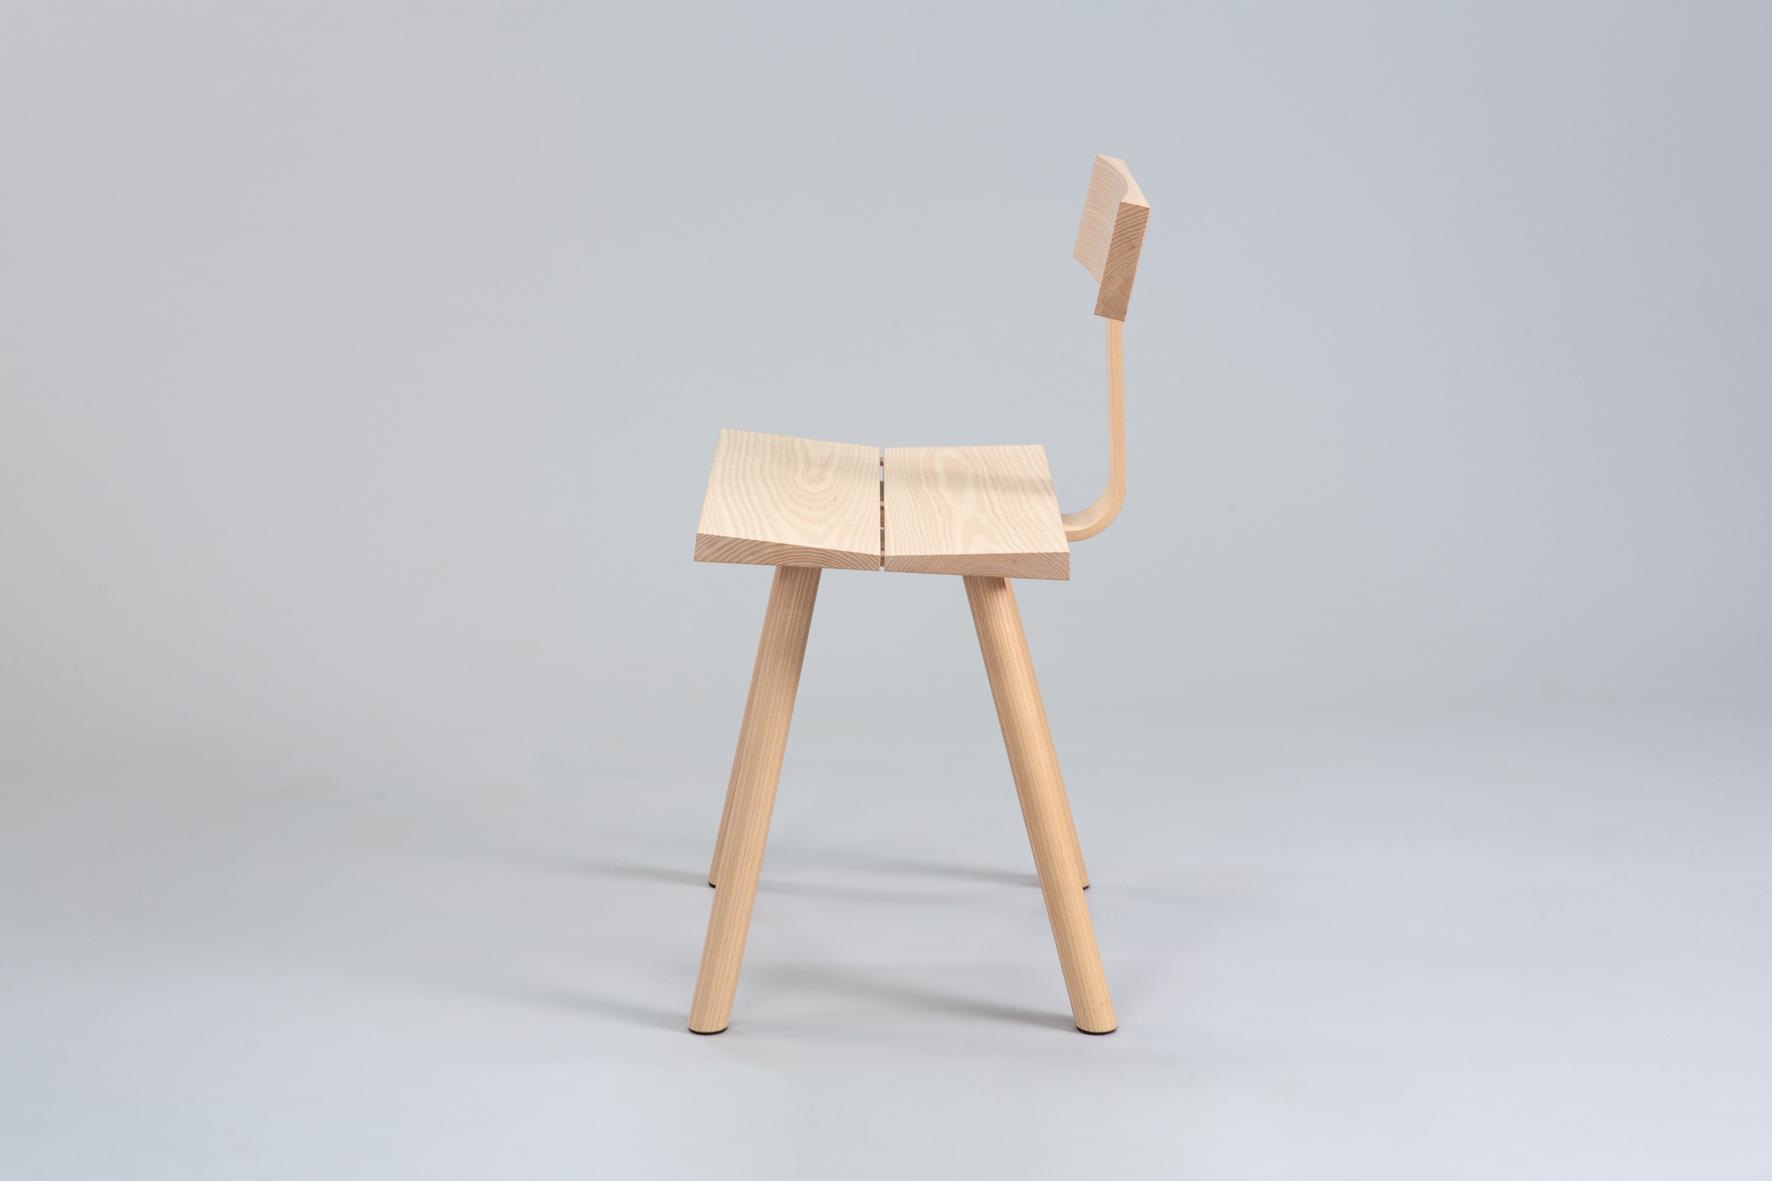 Cùram chair 3 small.jpg